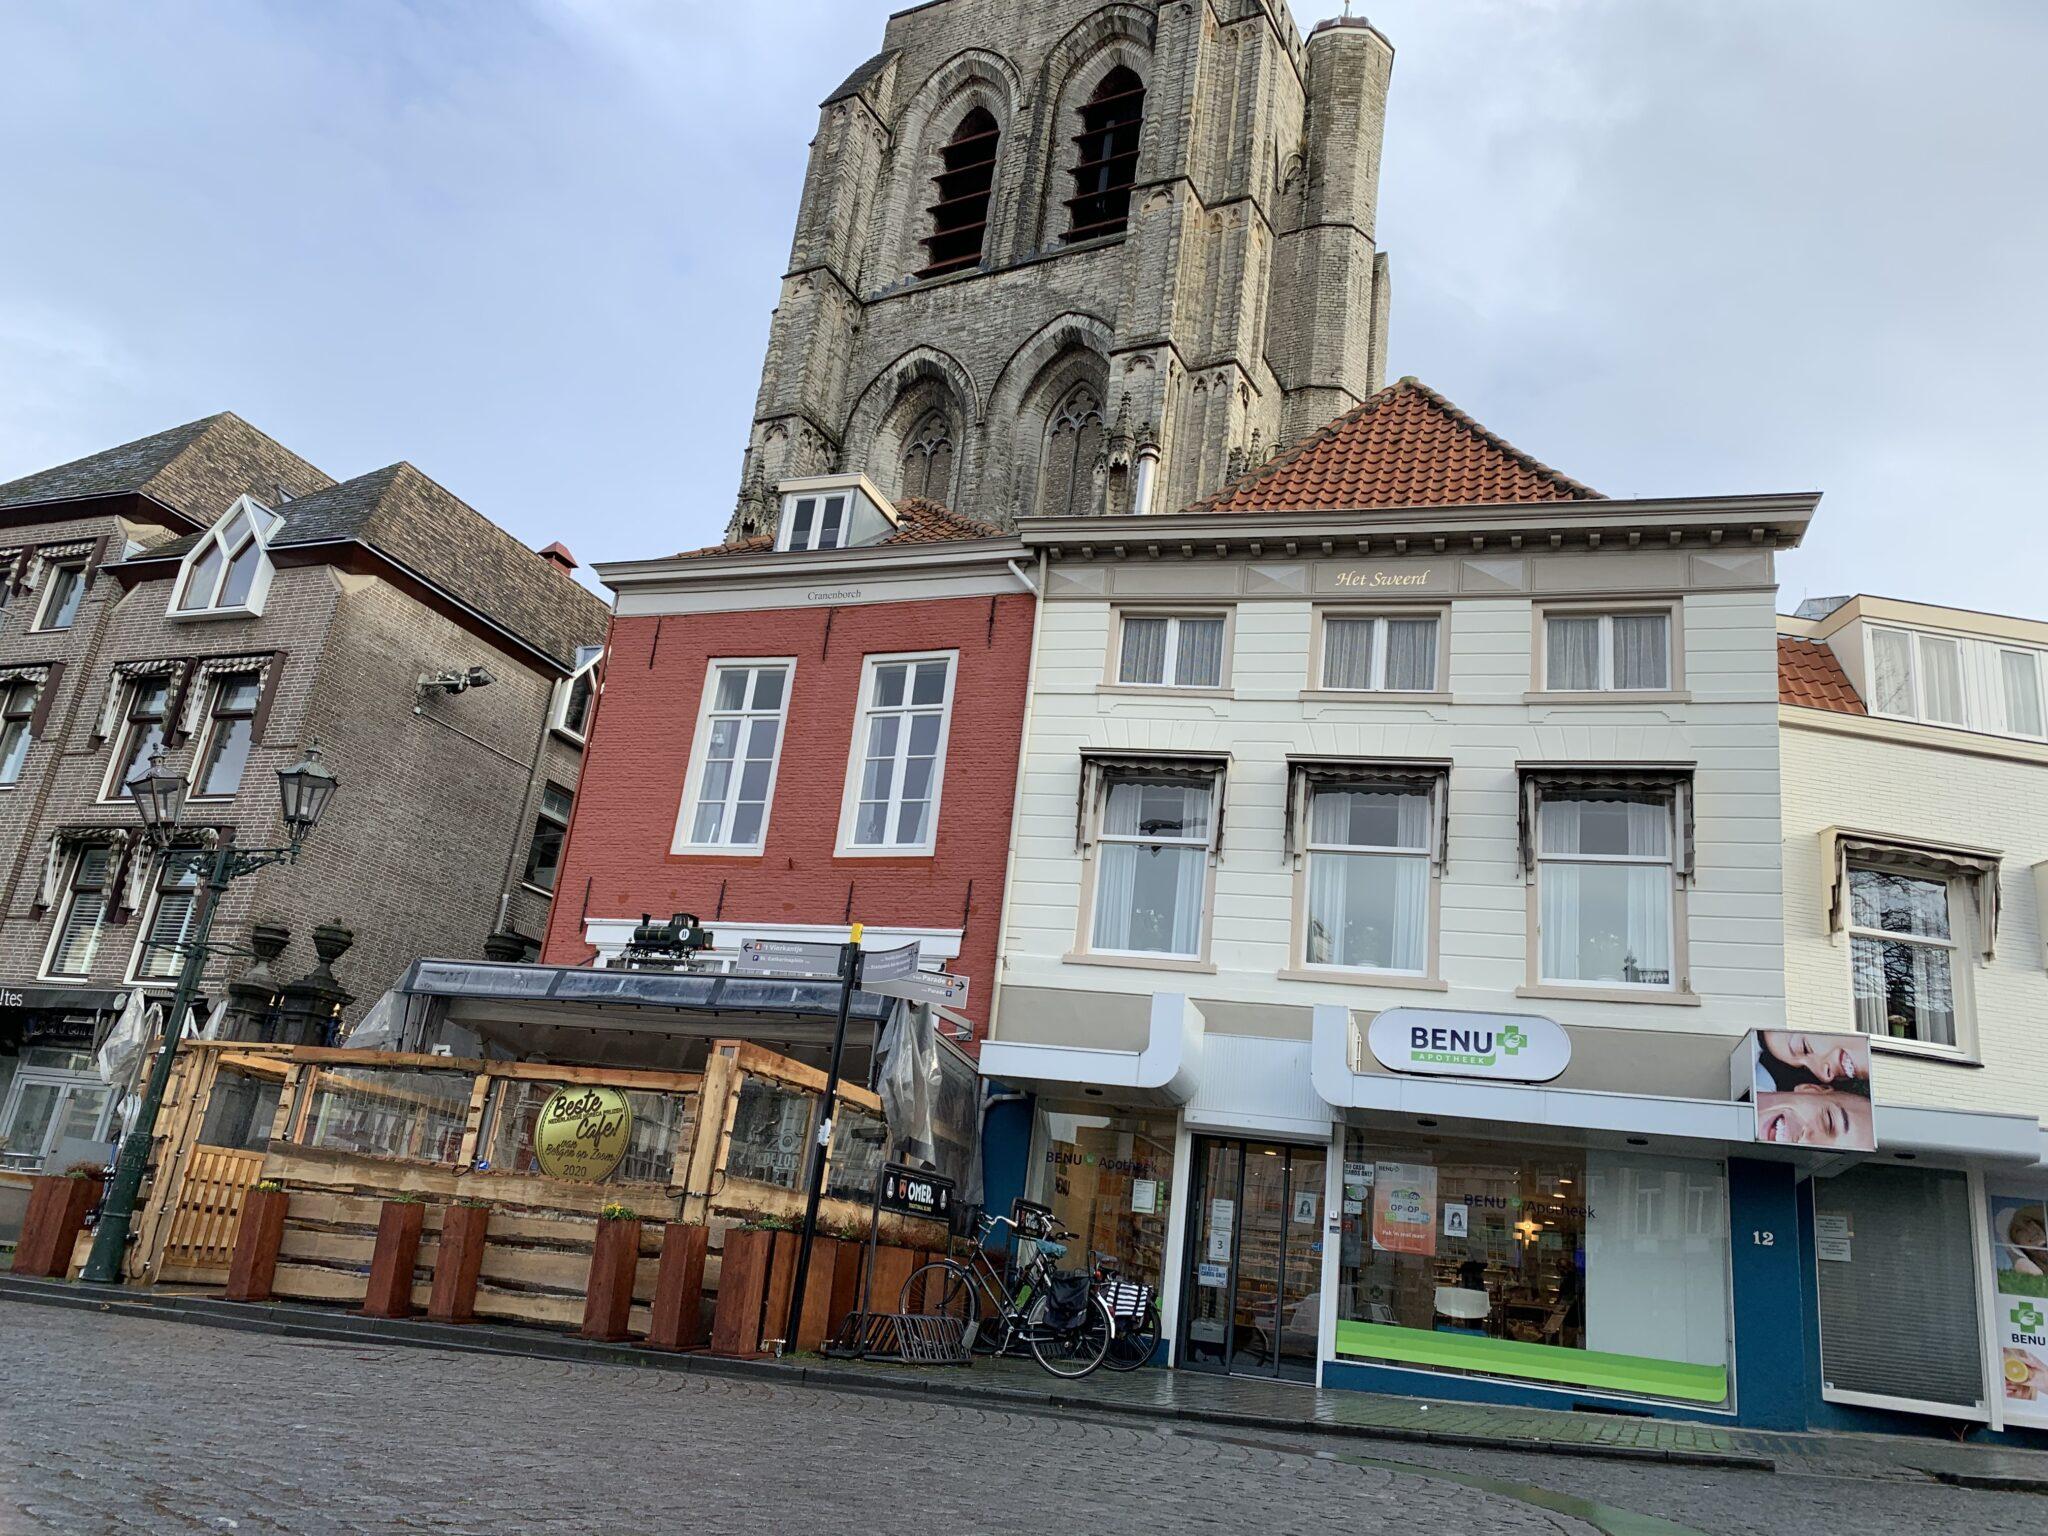 Zelftesten te koop Bergen op Zoom vacatures bergen op zoom grote markt peperbus apotheek benu apotheek apotheken zorg medicijnen café loco locomotief locomotiefke